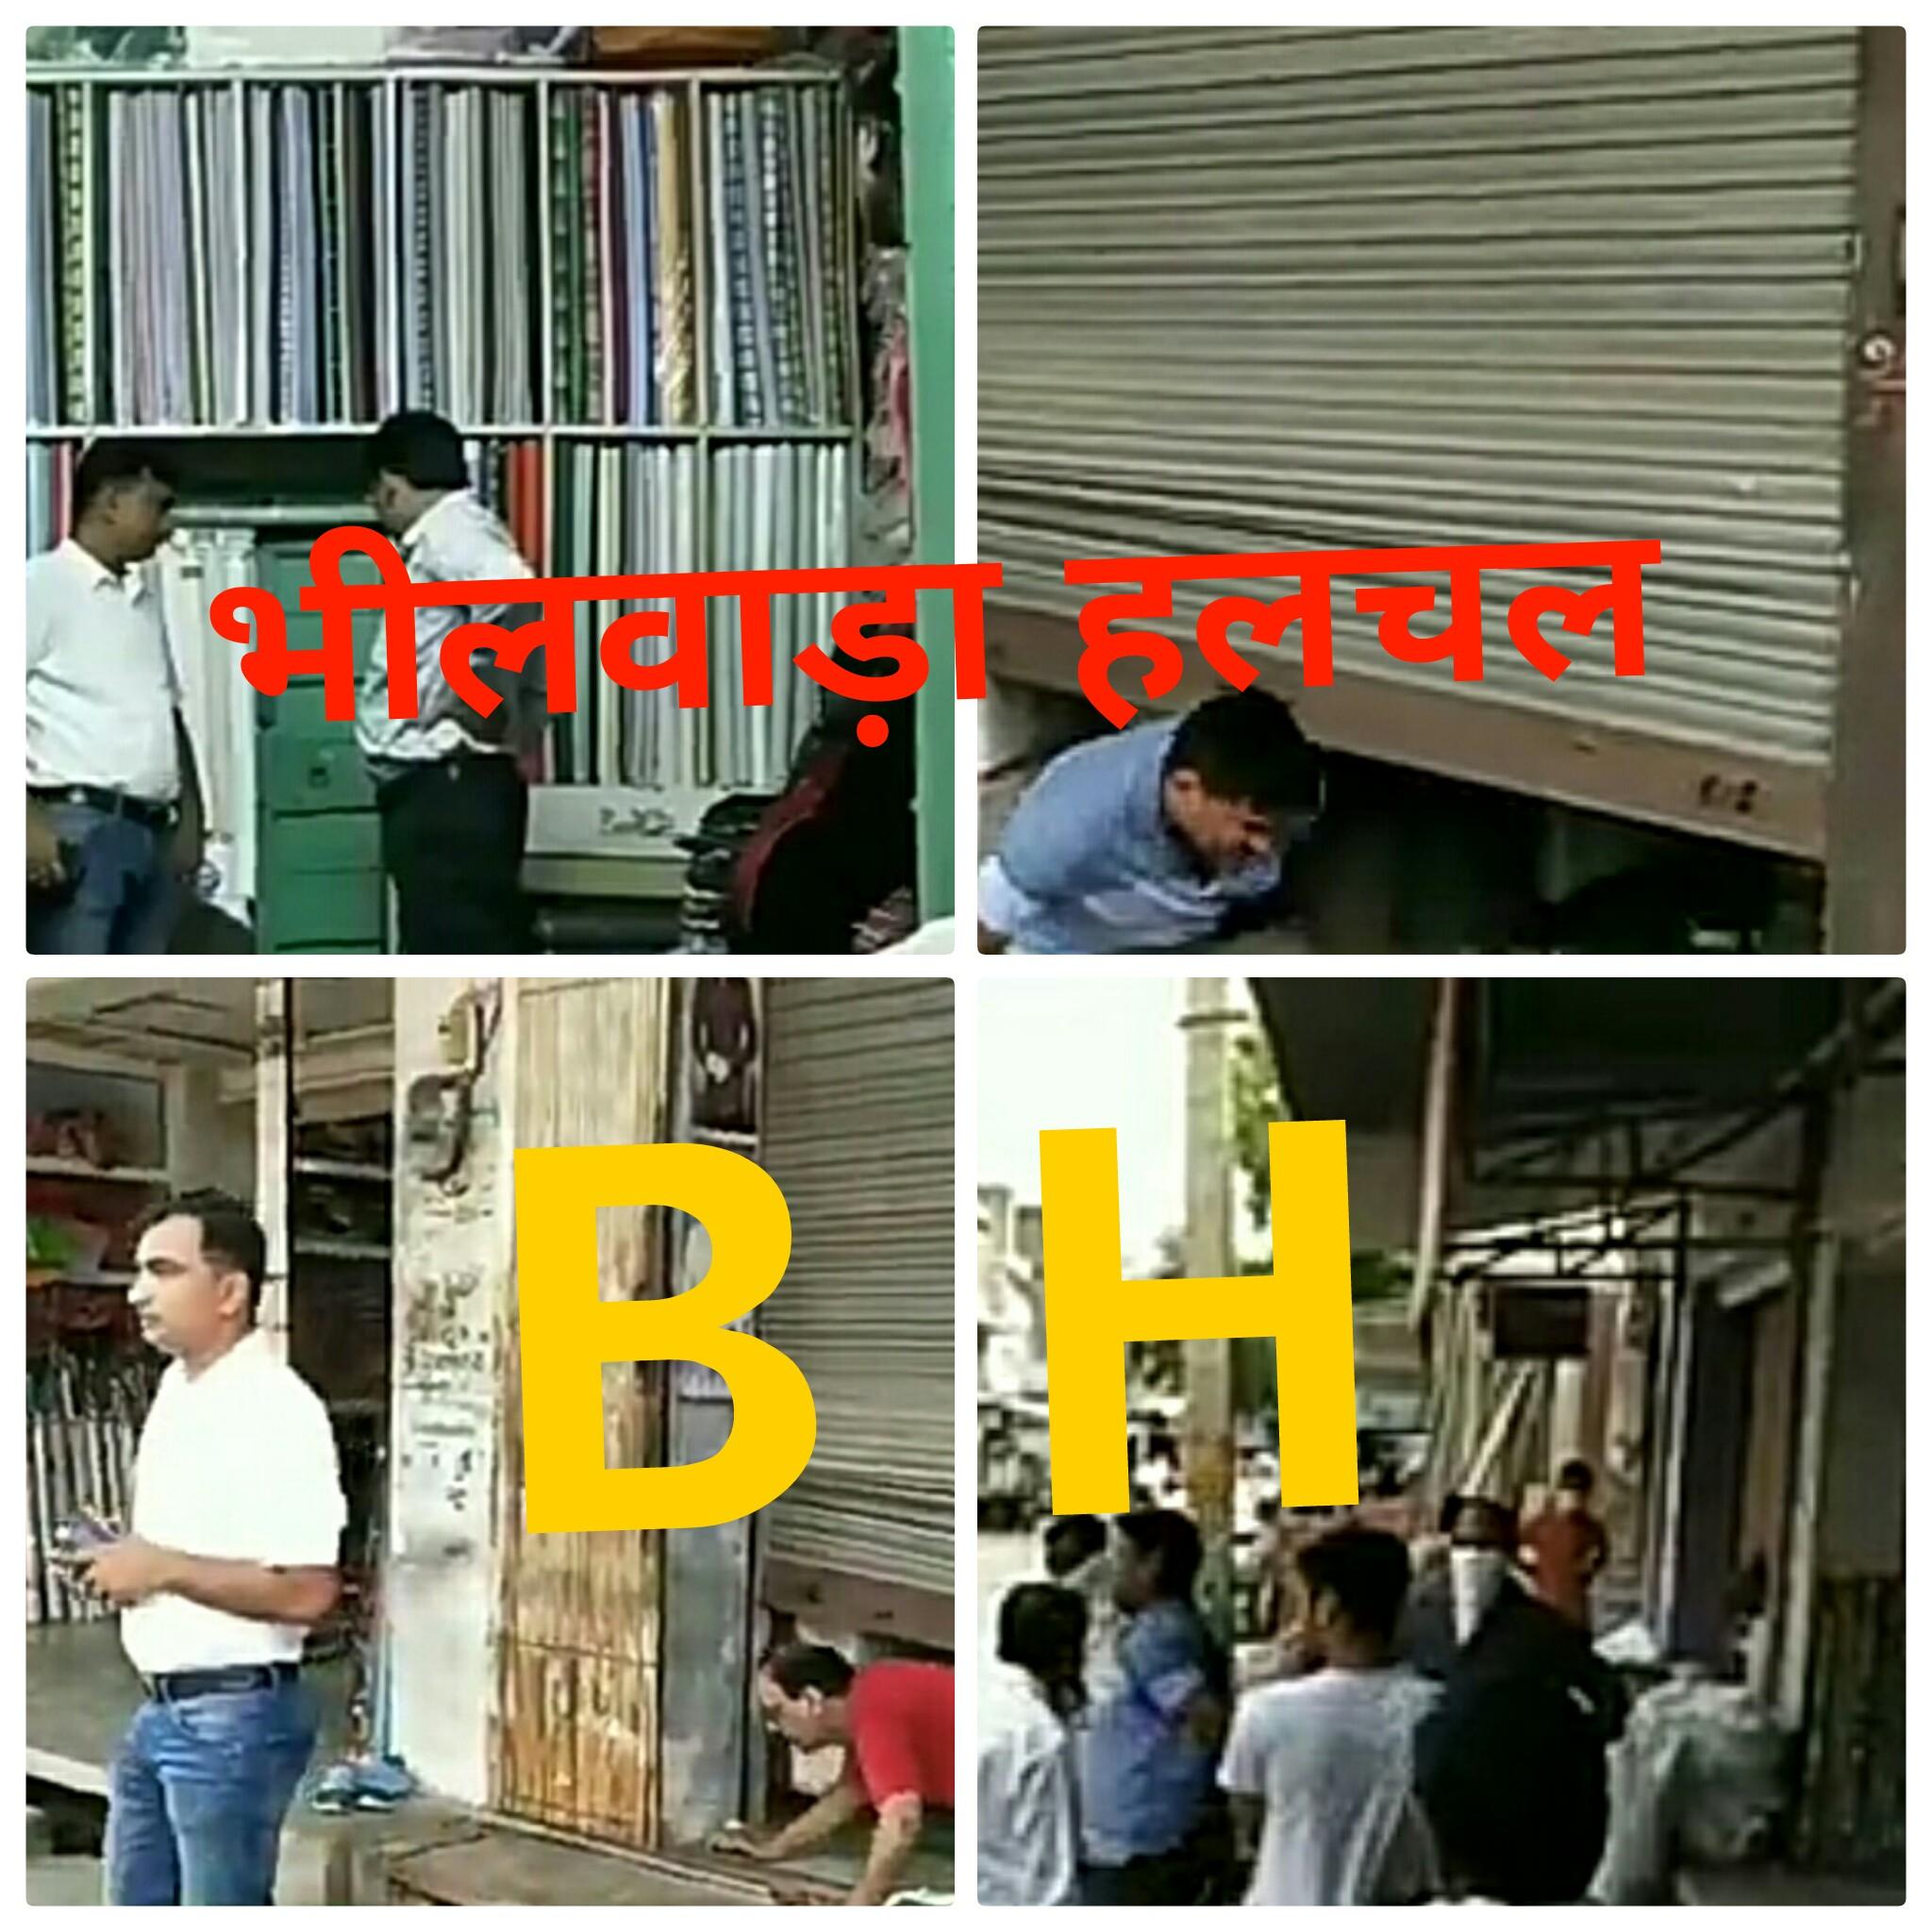 गुलाबपुरा में मैन मार्केट में दो दुकानों के टूटे शटर, 30 तोला सोना और दस लाख ले उड़े चोर